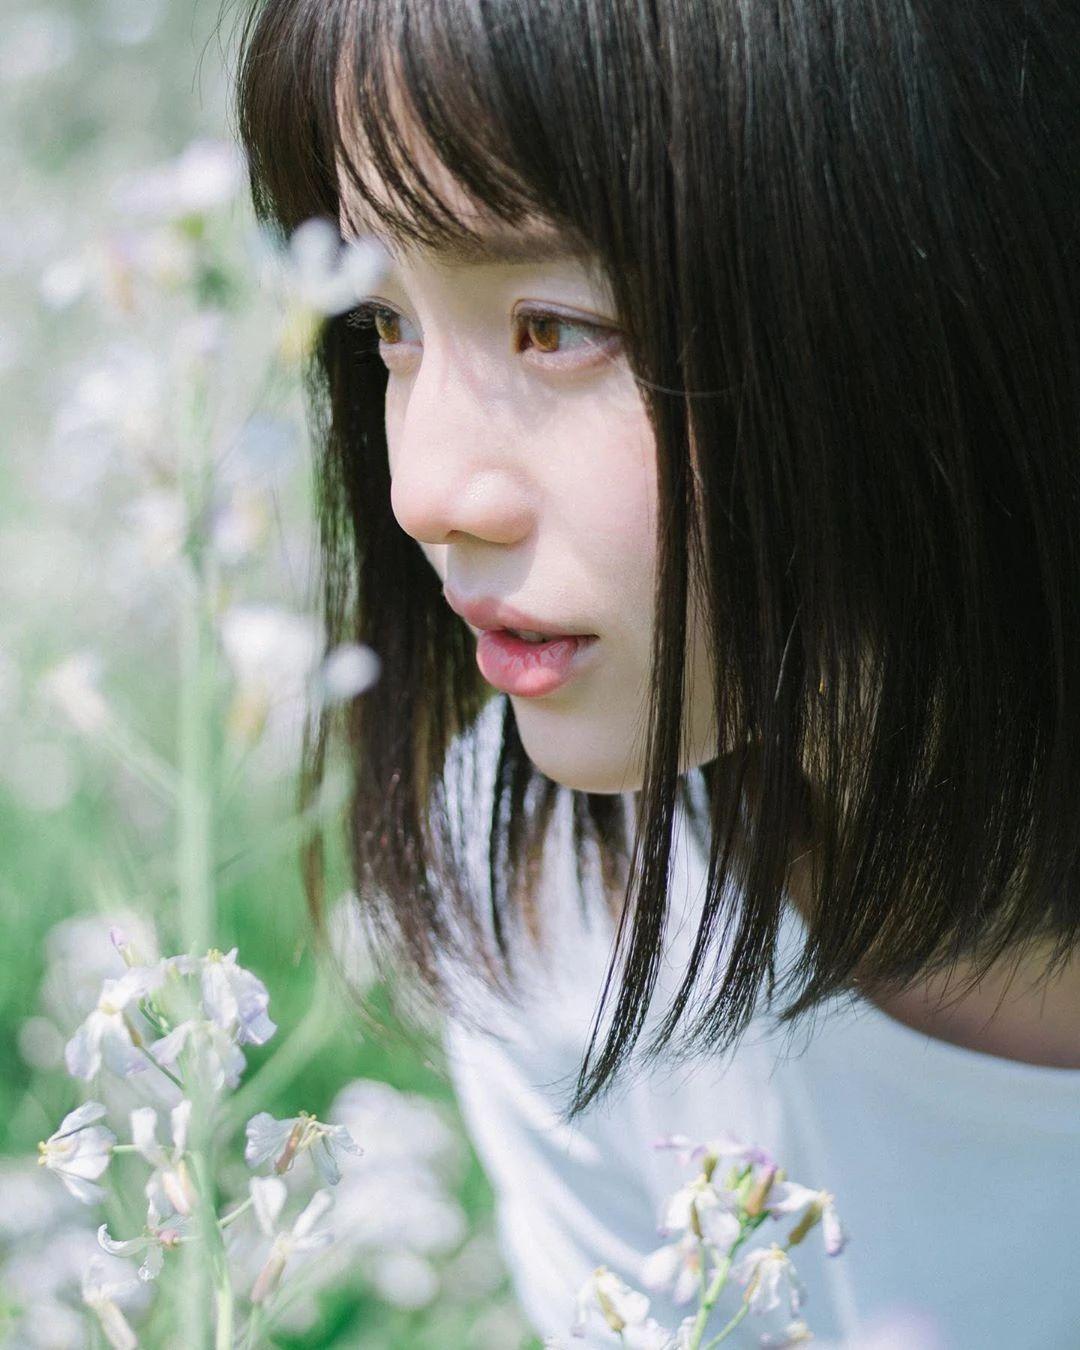 永远一张娃娃脸的棉花糖女孩弘中绫香写真作品 (53)